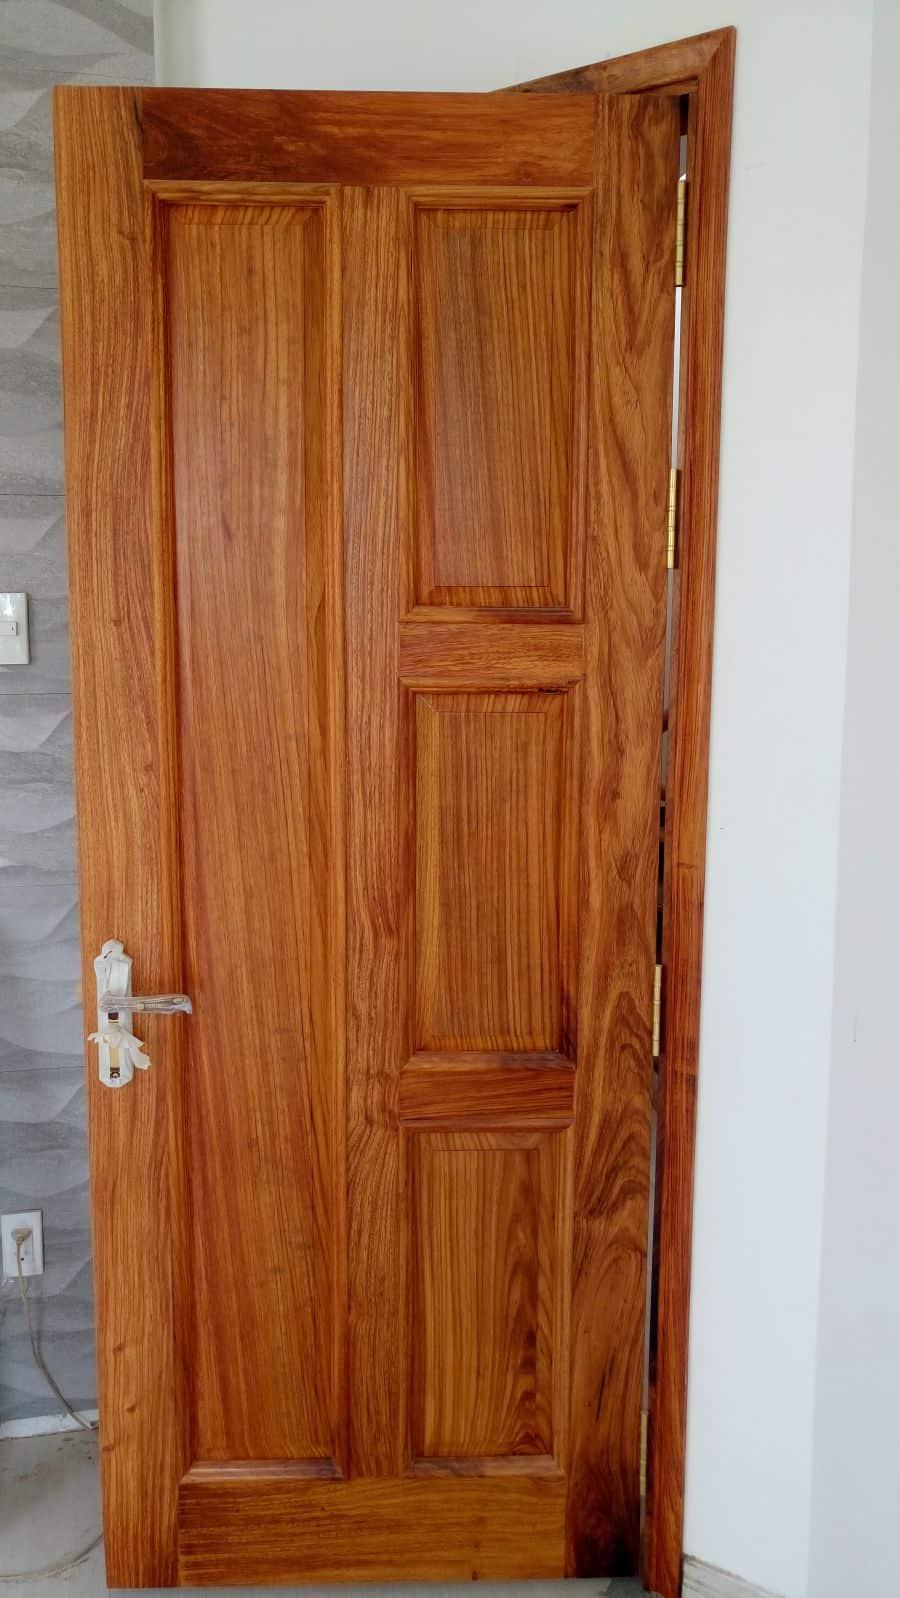 Mẫu cửa 1 cánh từ gõ đỏ